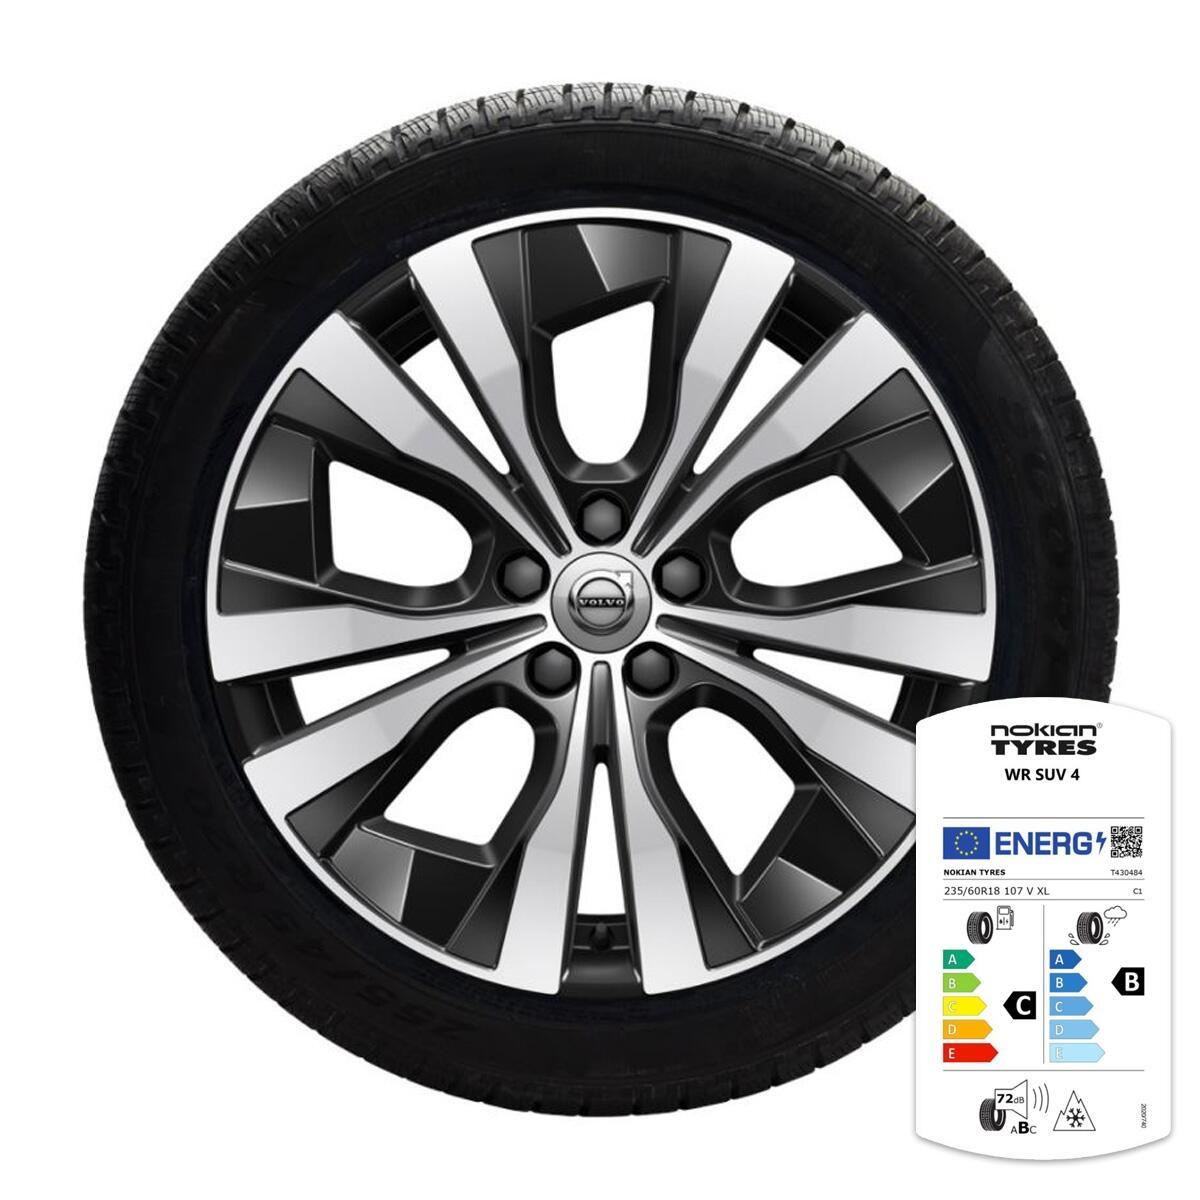 komplet zimskih kotača: 18'', gume  Nokian